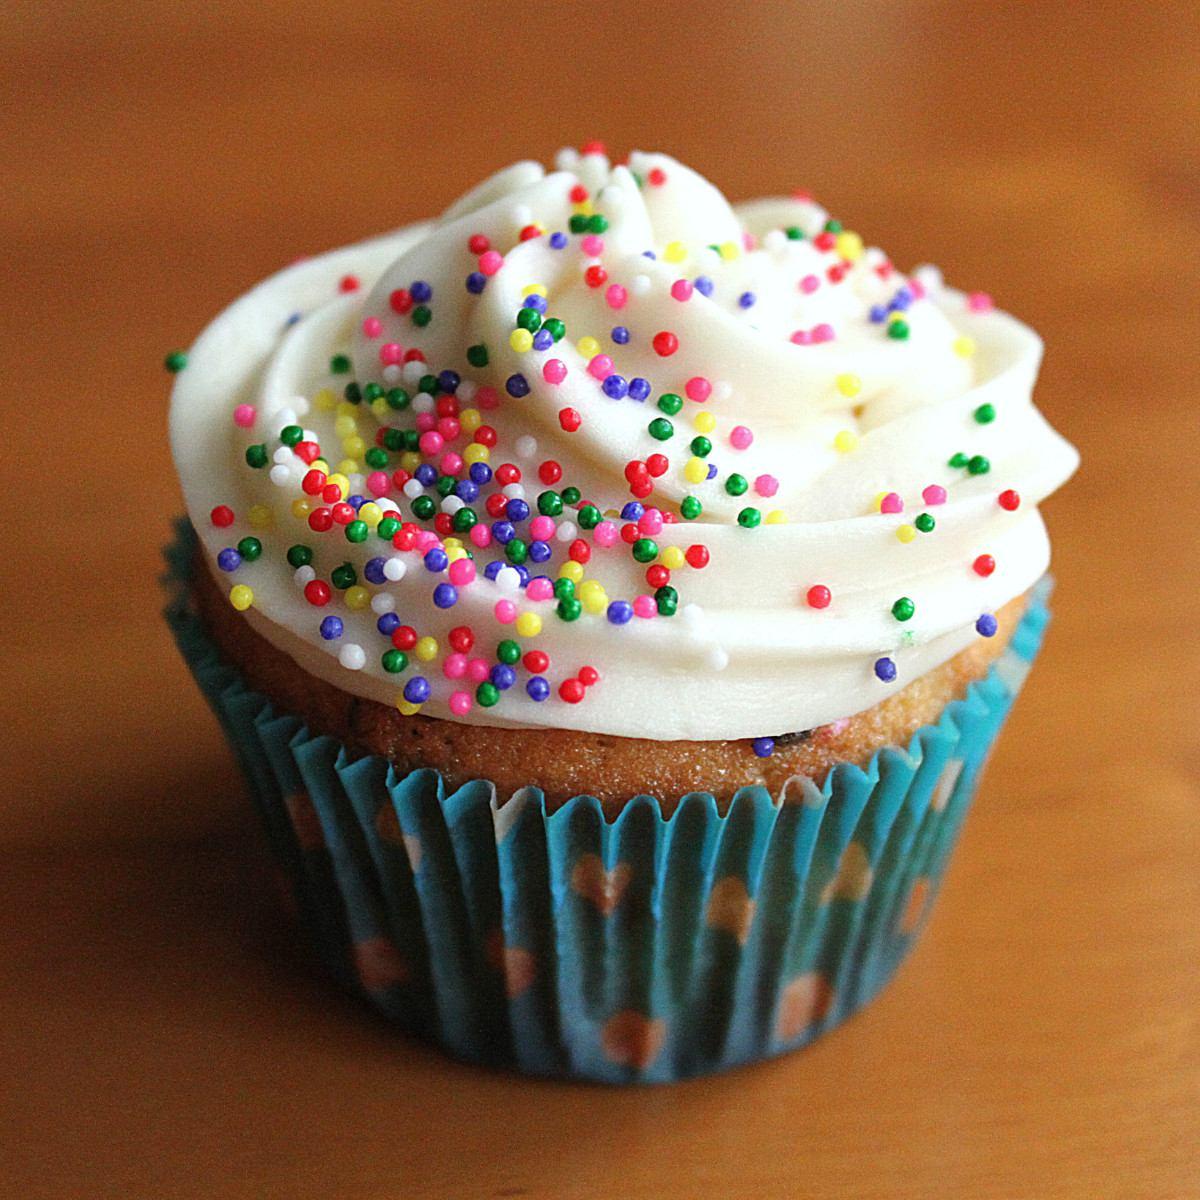 Los 3 Cumpleañeros Molde-de-silicona-muffins-cupcakes-50-pirotines-decorados-6199-MLA4594471977_072013-F